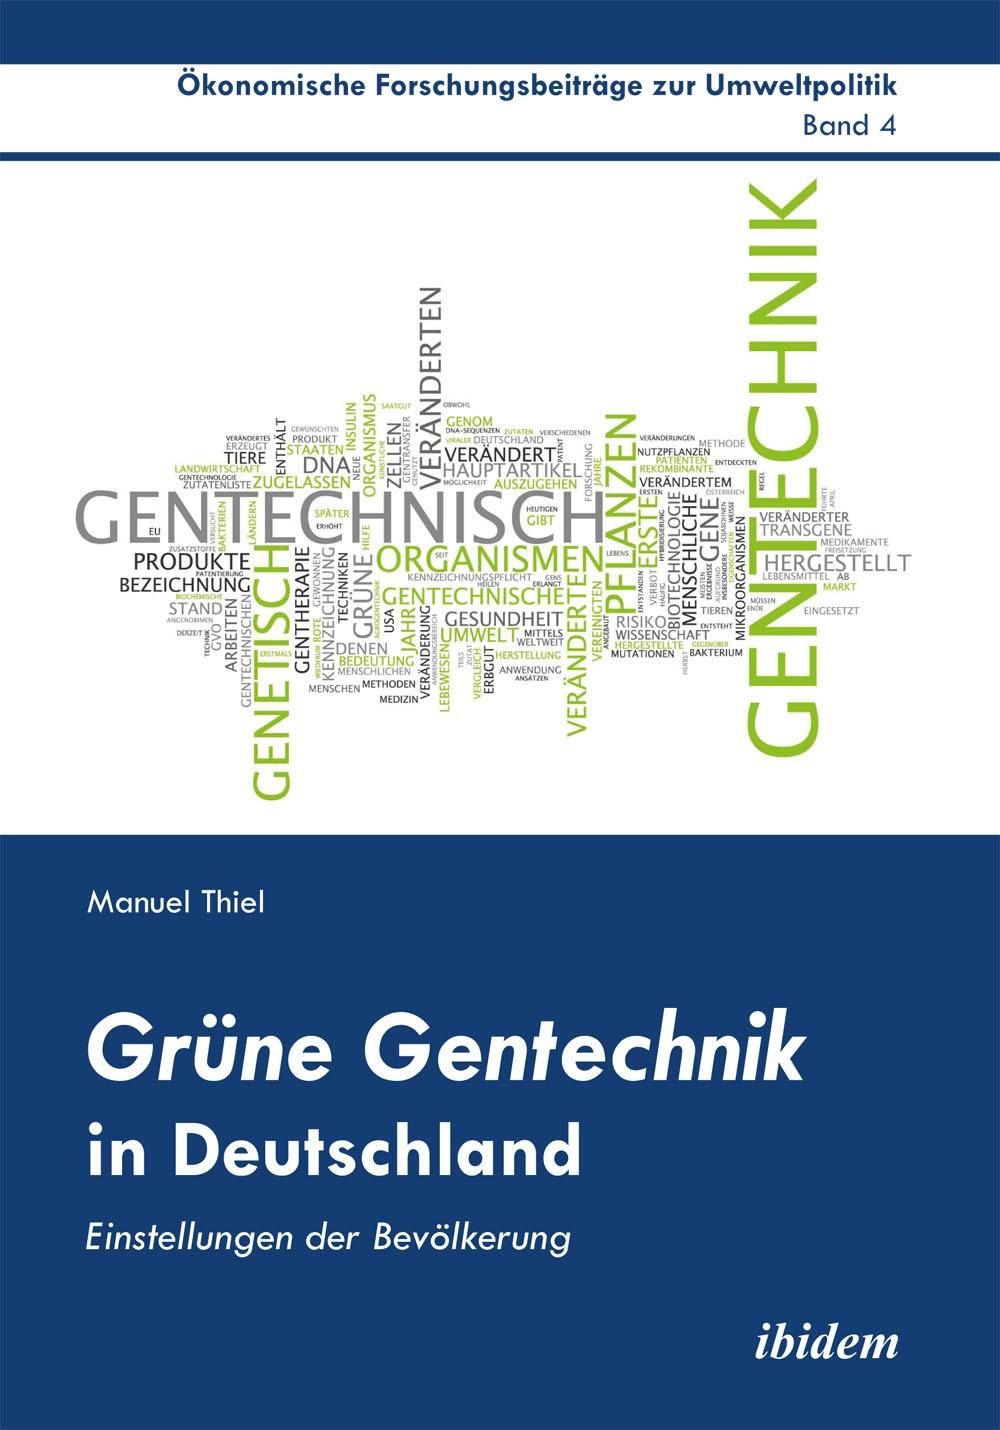 Grüne Gentechnik in Deutschland